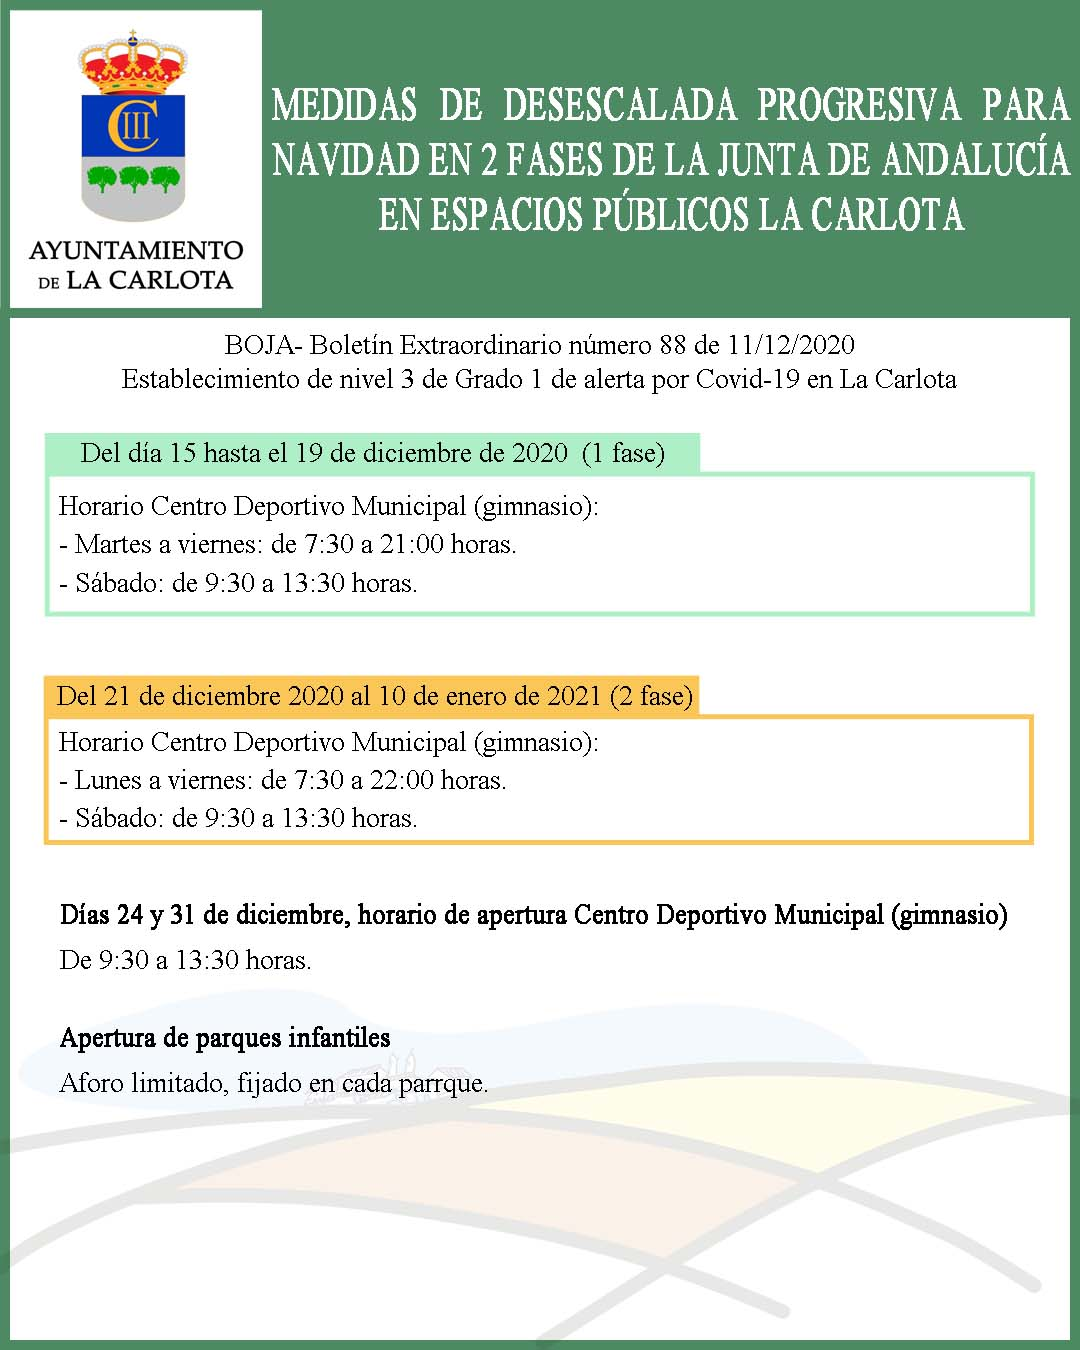 MEDIDAS DE DESESCALADA PROGRESIVA PARA NAVIDAD EN 2 FASES DE LA JUNTA DE ANDALUCÍA EN ESPACIOS PÚBLICOS LA CARLOTA   1